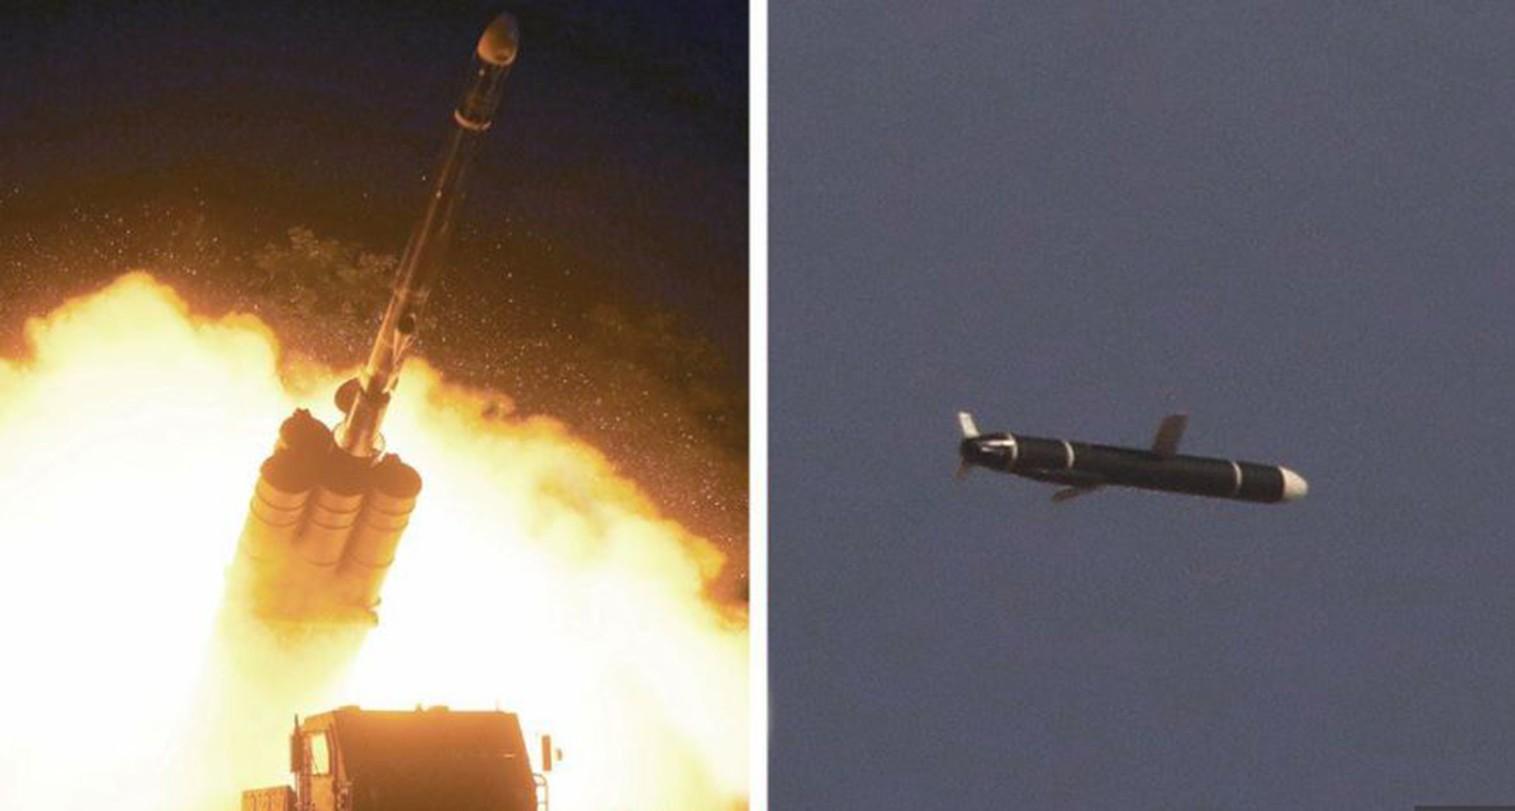 उत्तर कोरियाद्वारा लामो दूरीको क्रुज मिसाइल परीक्षण; सफल परीक्षण गरेको दाबी